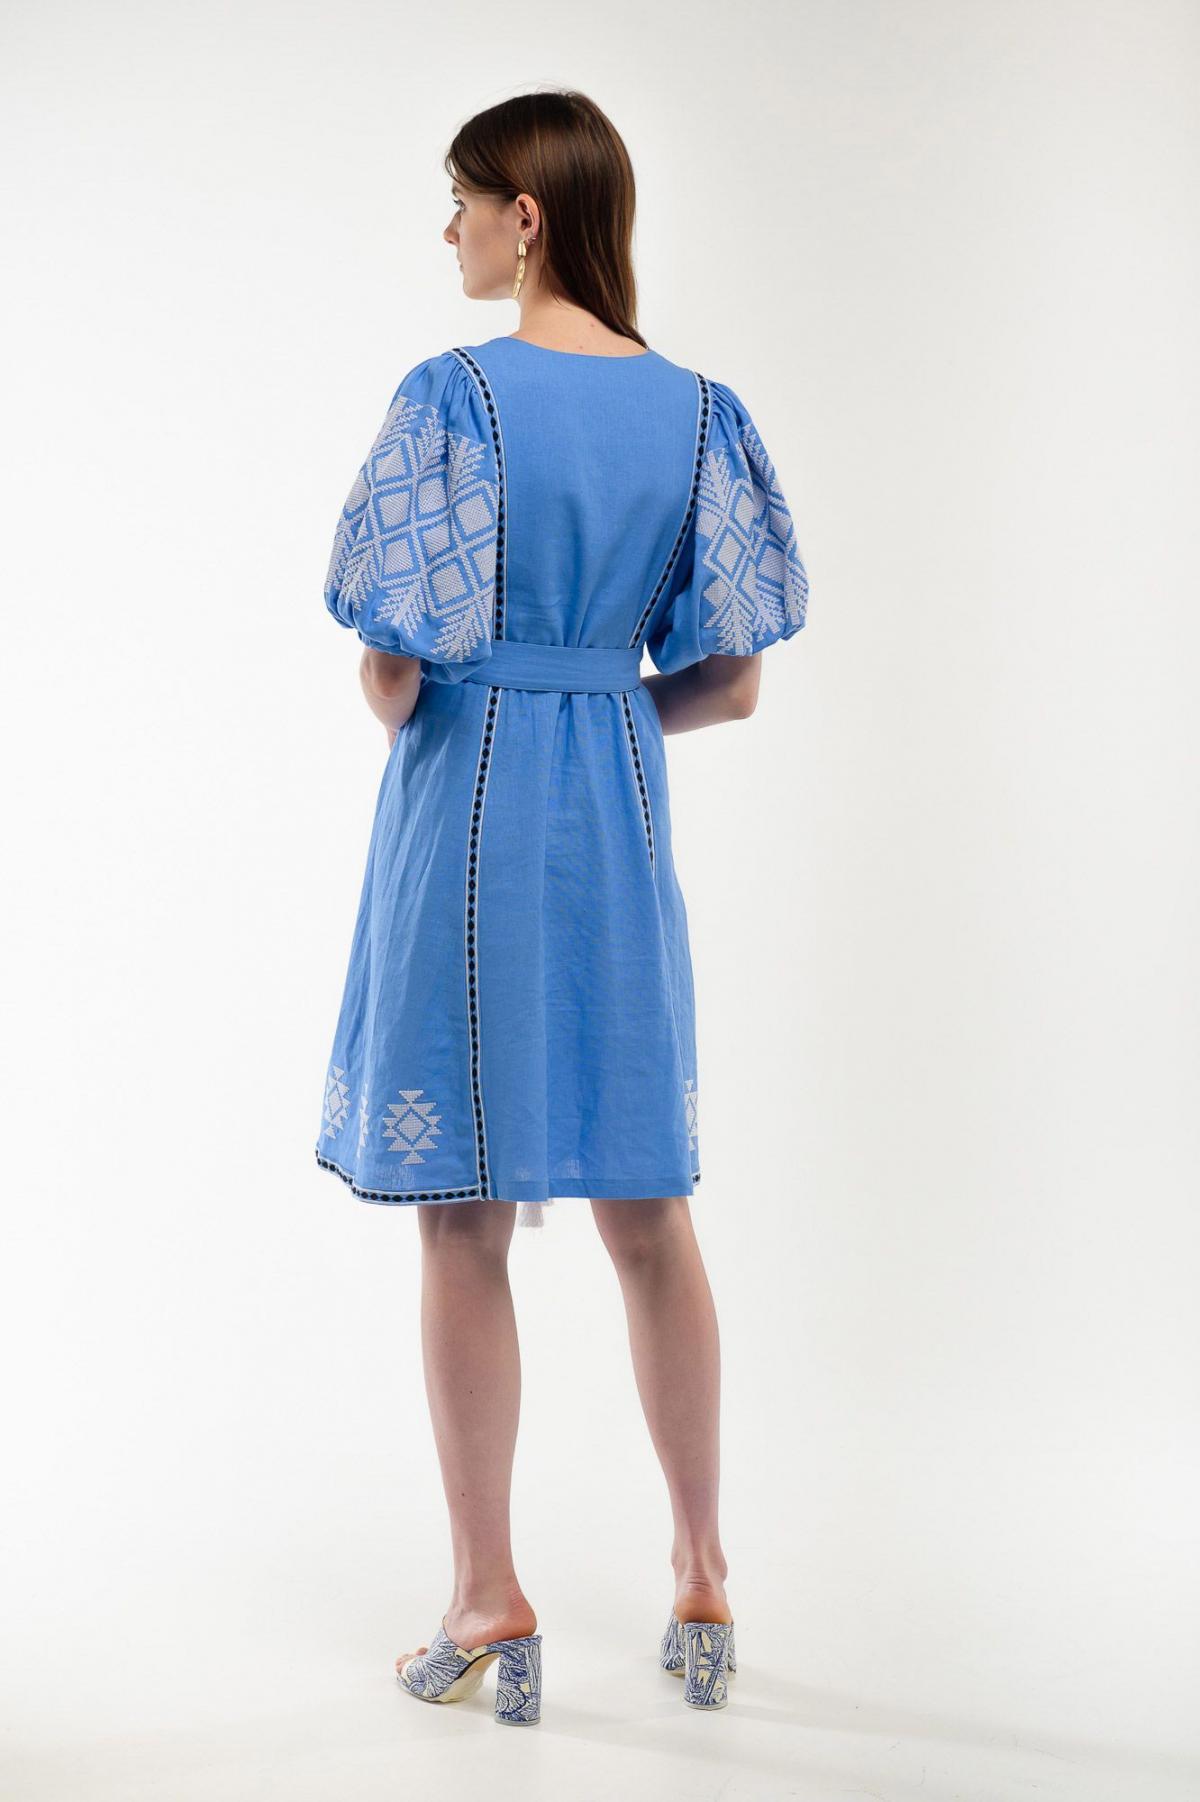 Платье вышиванка Милося голубое. Фото №5. | Народный дом Украина